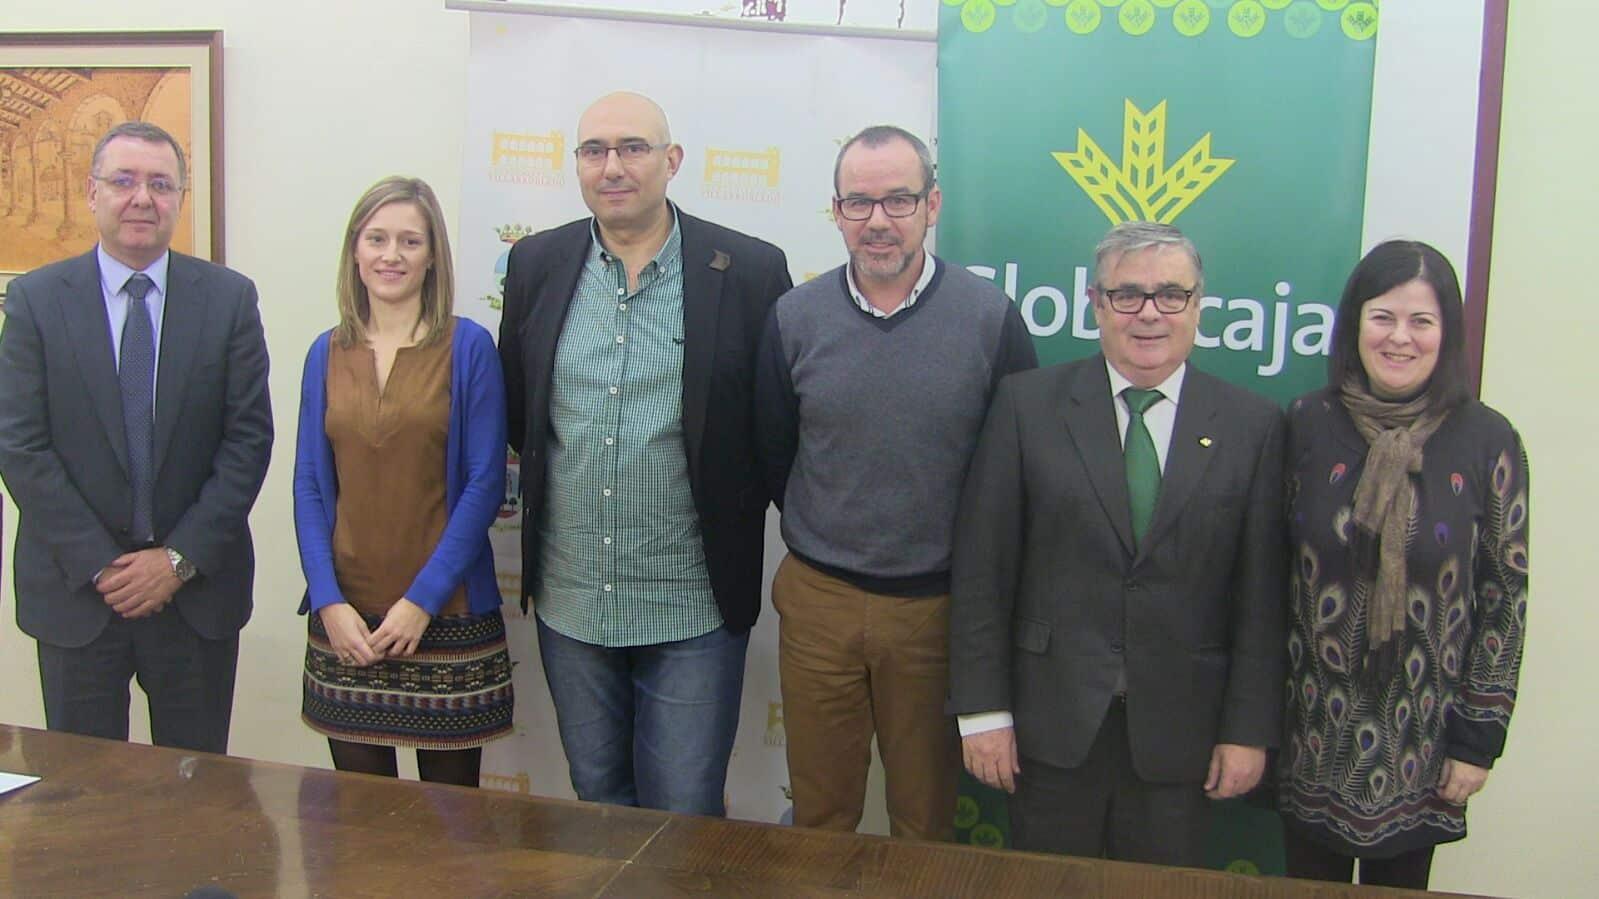 https://blog.globalcaja.es/wp-content/uploads/2015/12/villarrobledo-.jpg